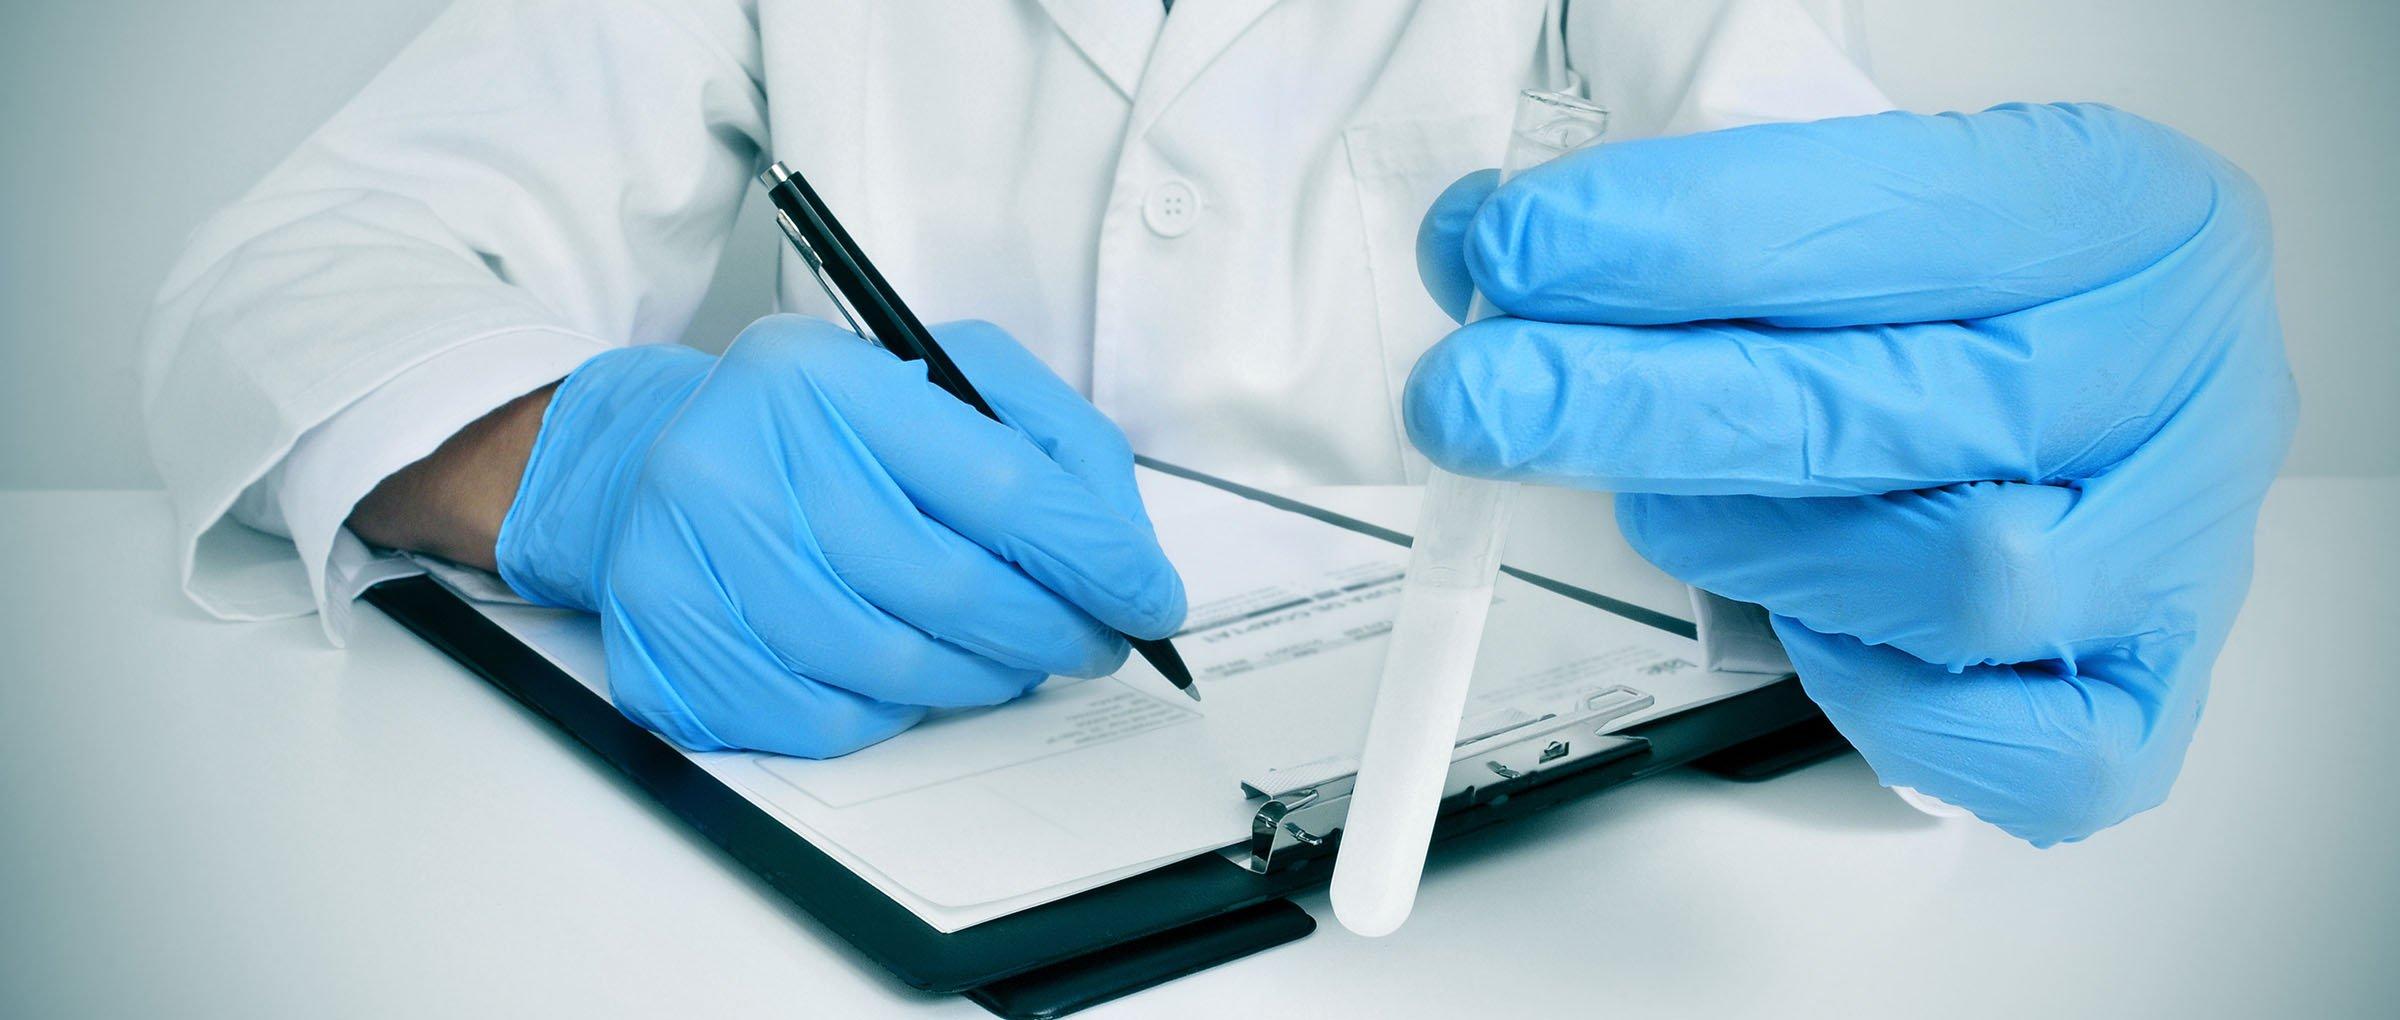 Prix de l'insémination artificielle avec don de sperme aux États-Unis